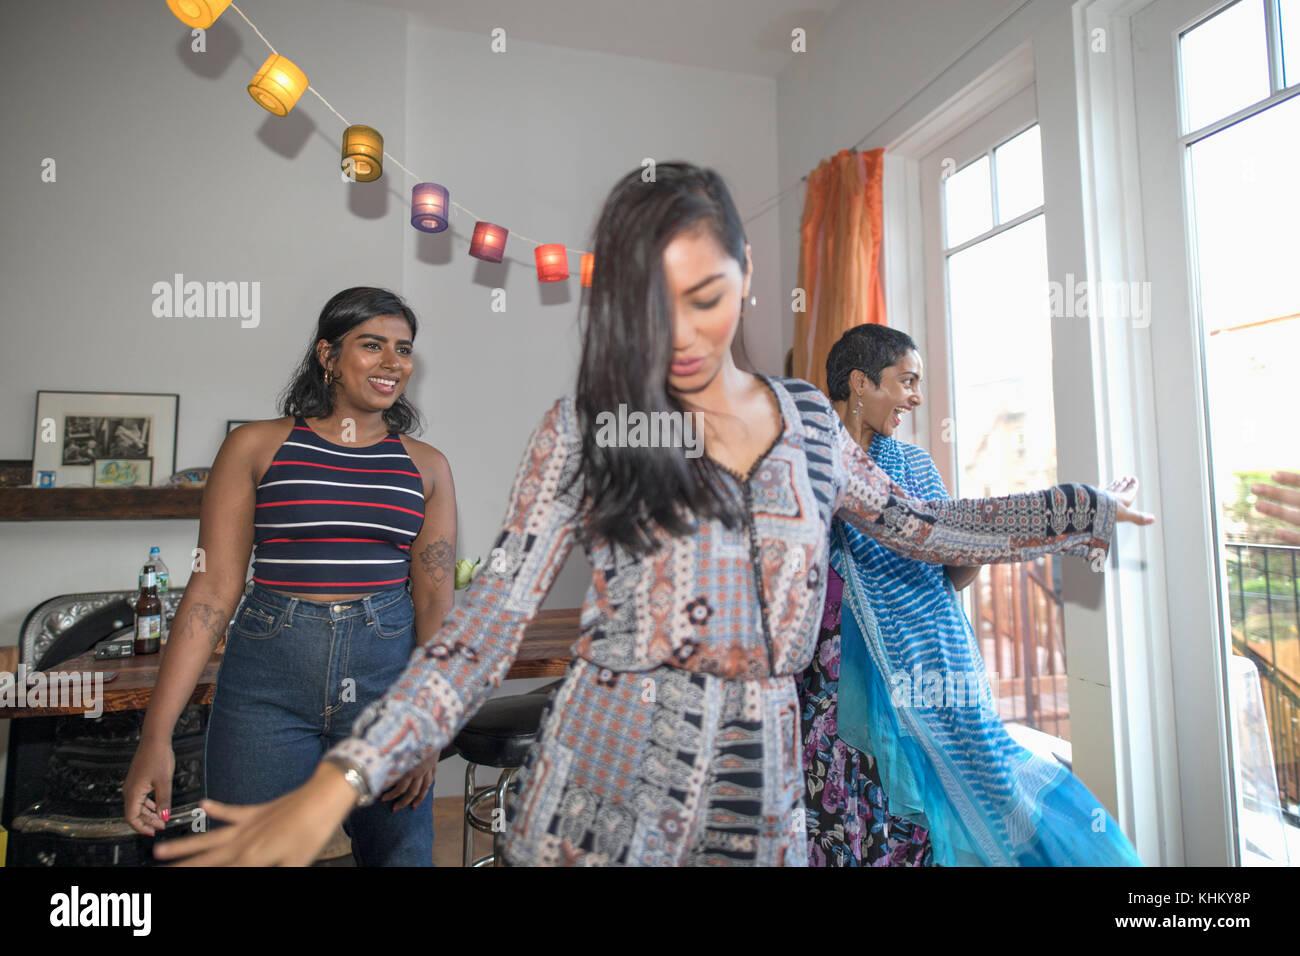 Junge Frauen tanzen auf einer Party Stockbild